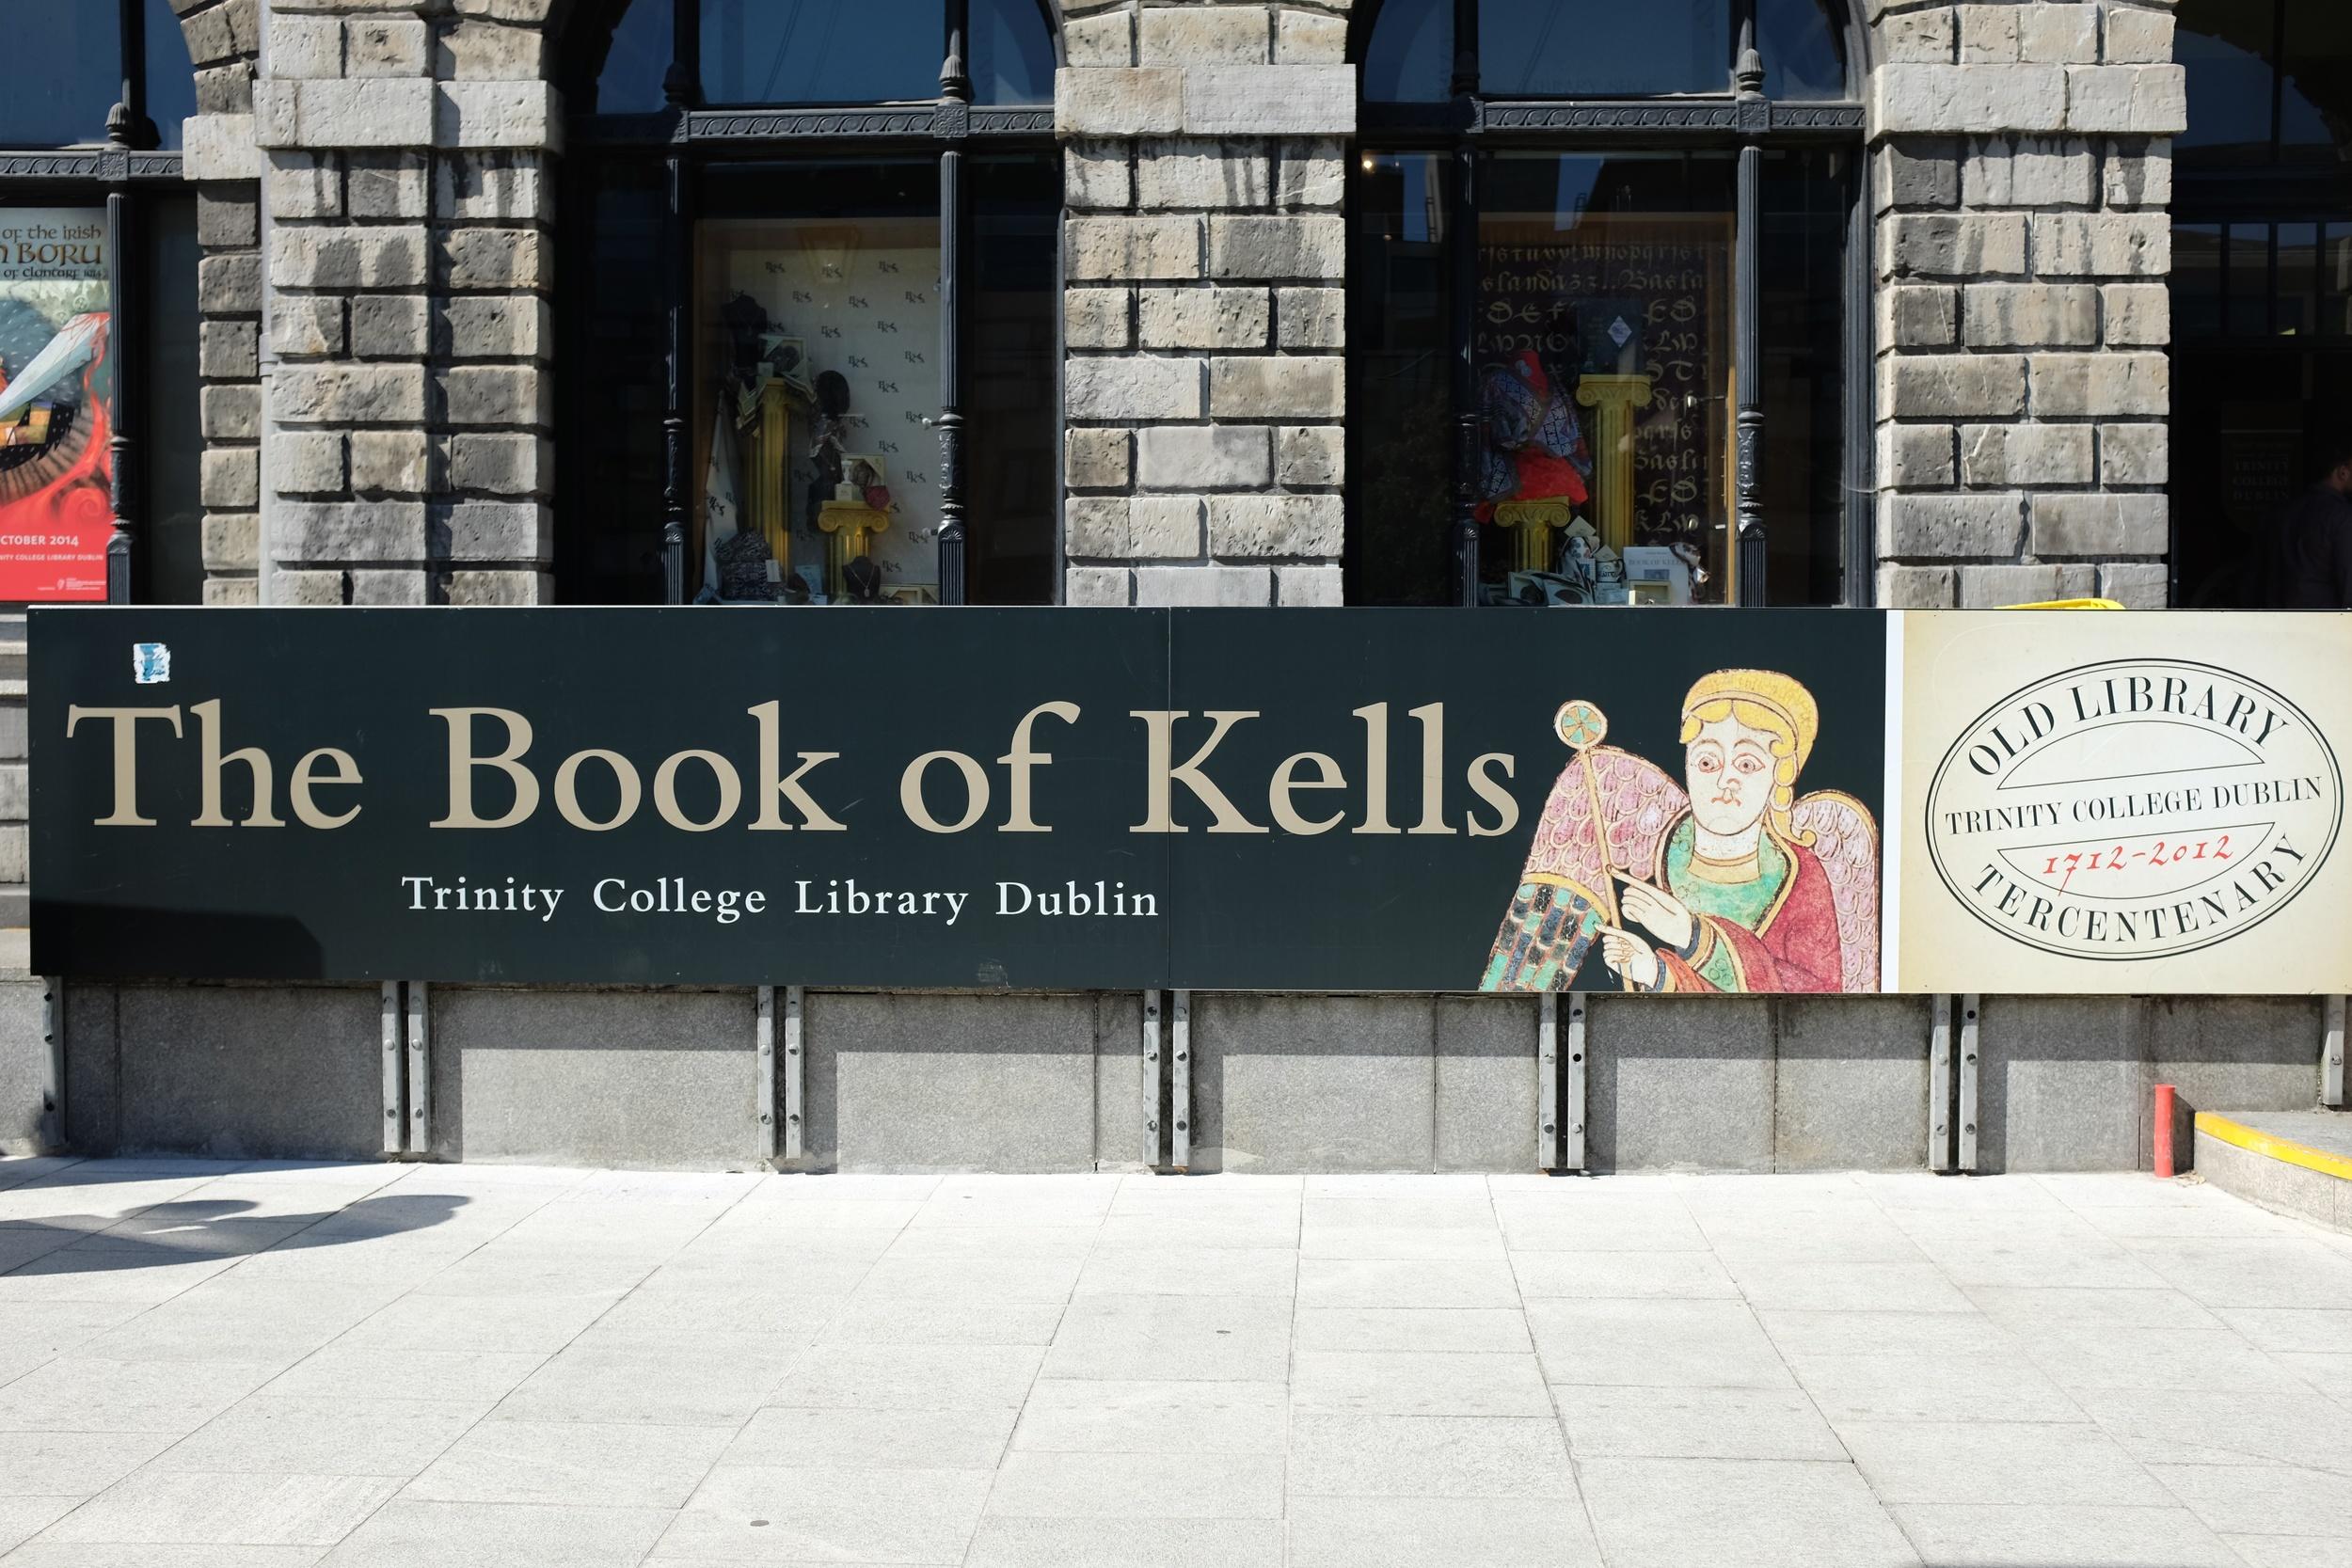 The Book of Kells exhibit